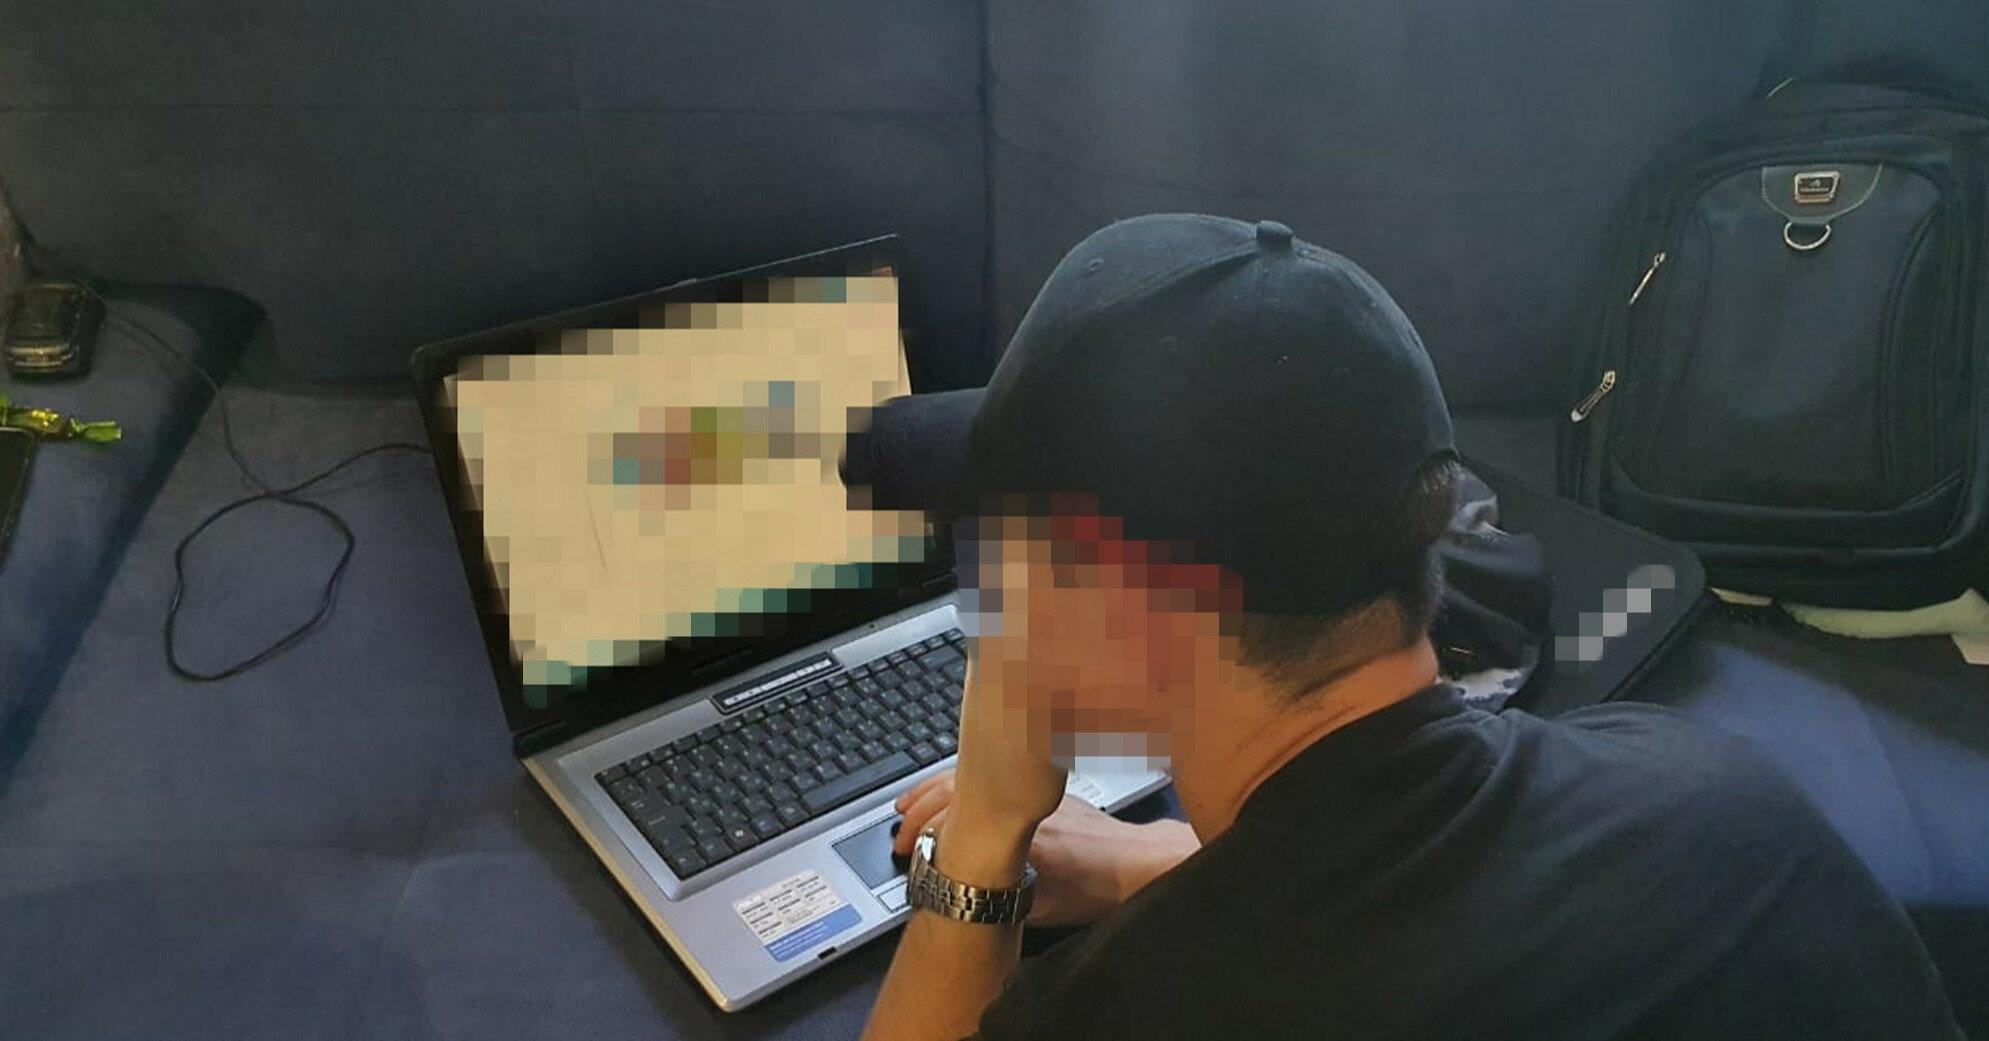 СБУ заявила о нейтрализации сети пророссийских интернет-агентов